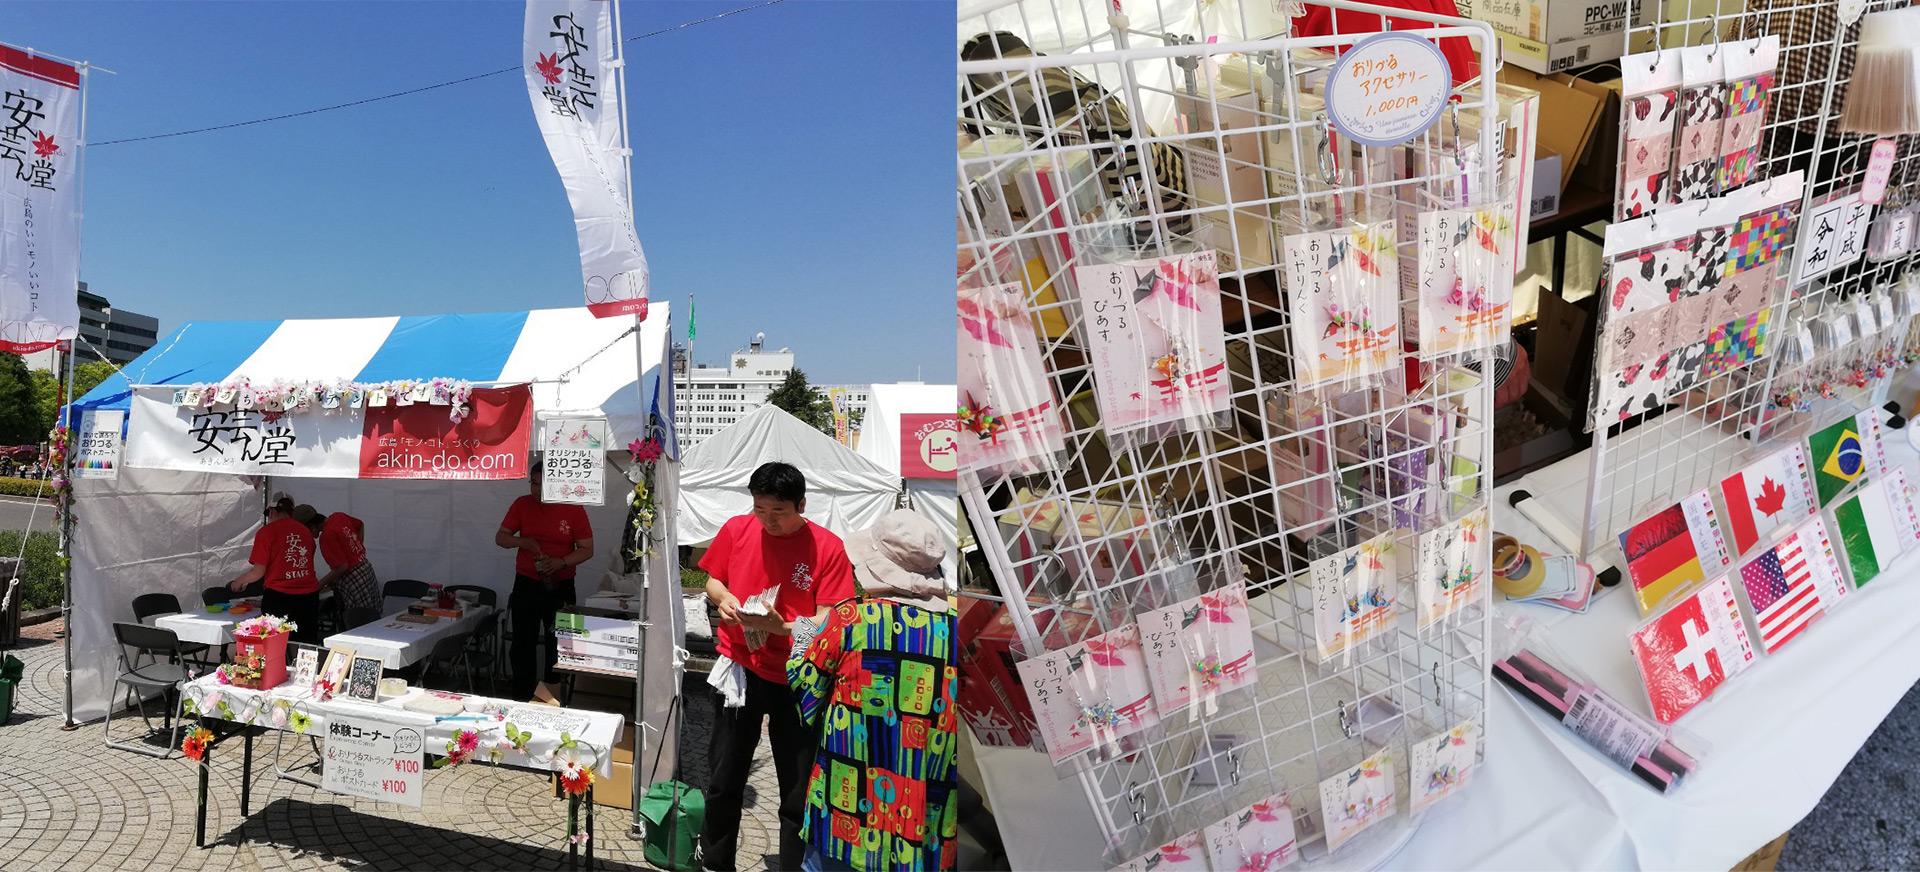 安芸ん堂フラワーフェスティバル出店風景